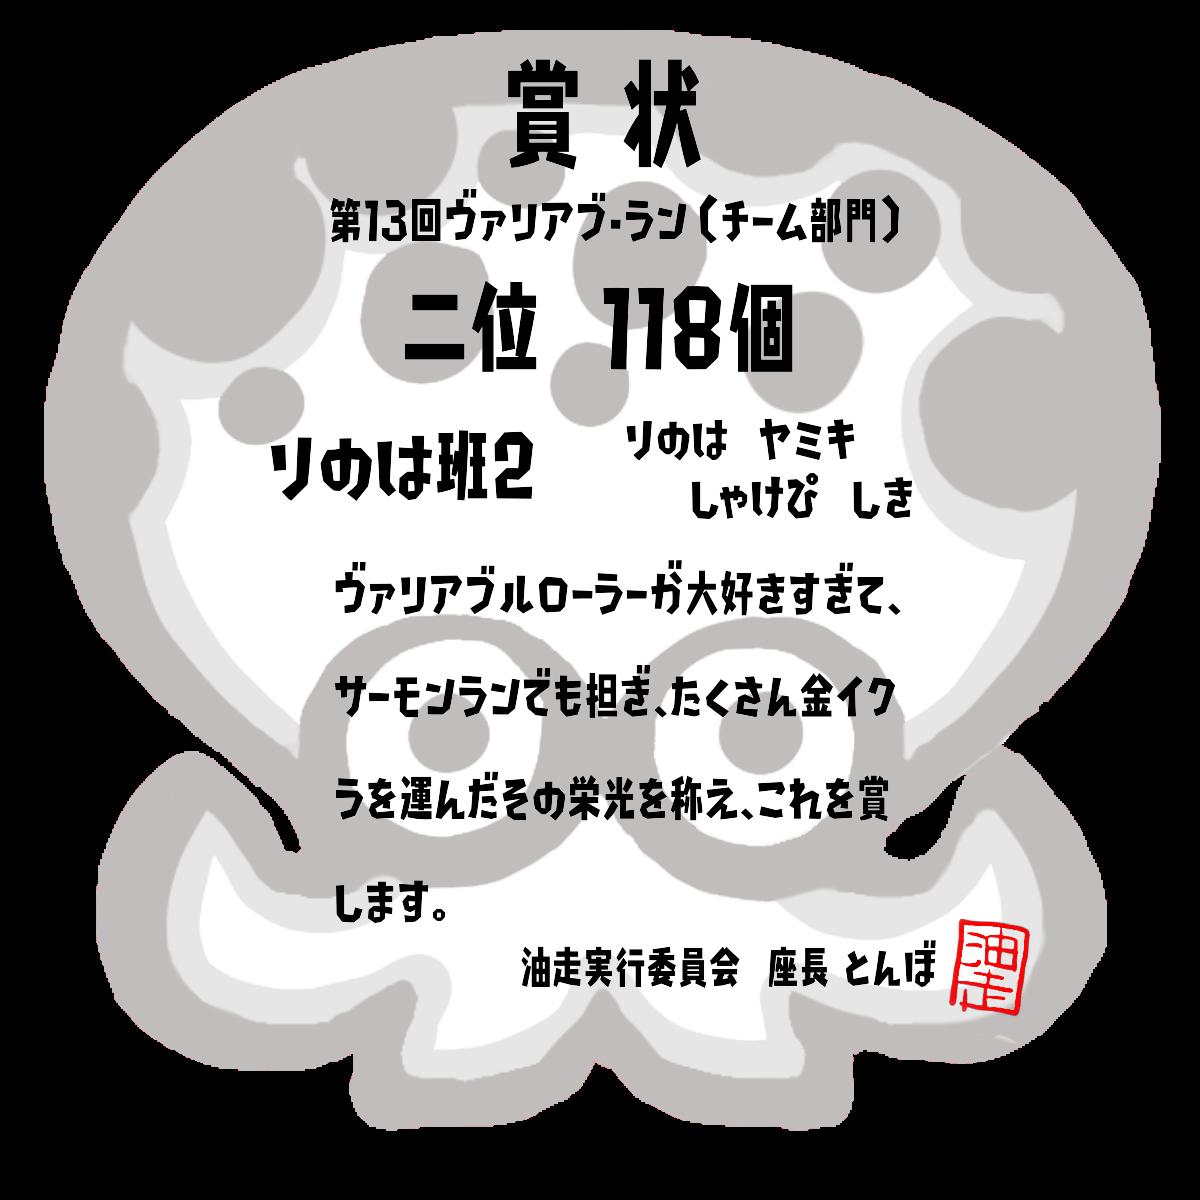 f:id:tombownomegane:20190723085456p:plain